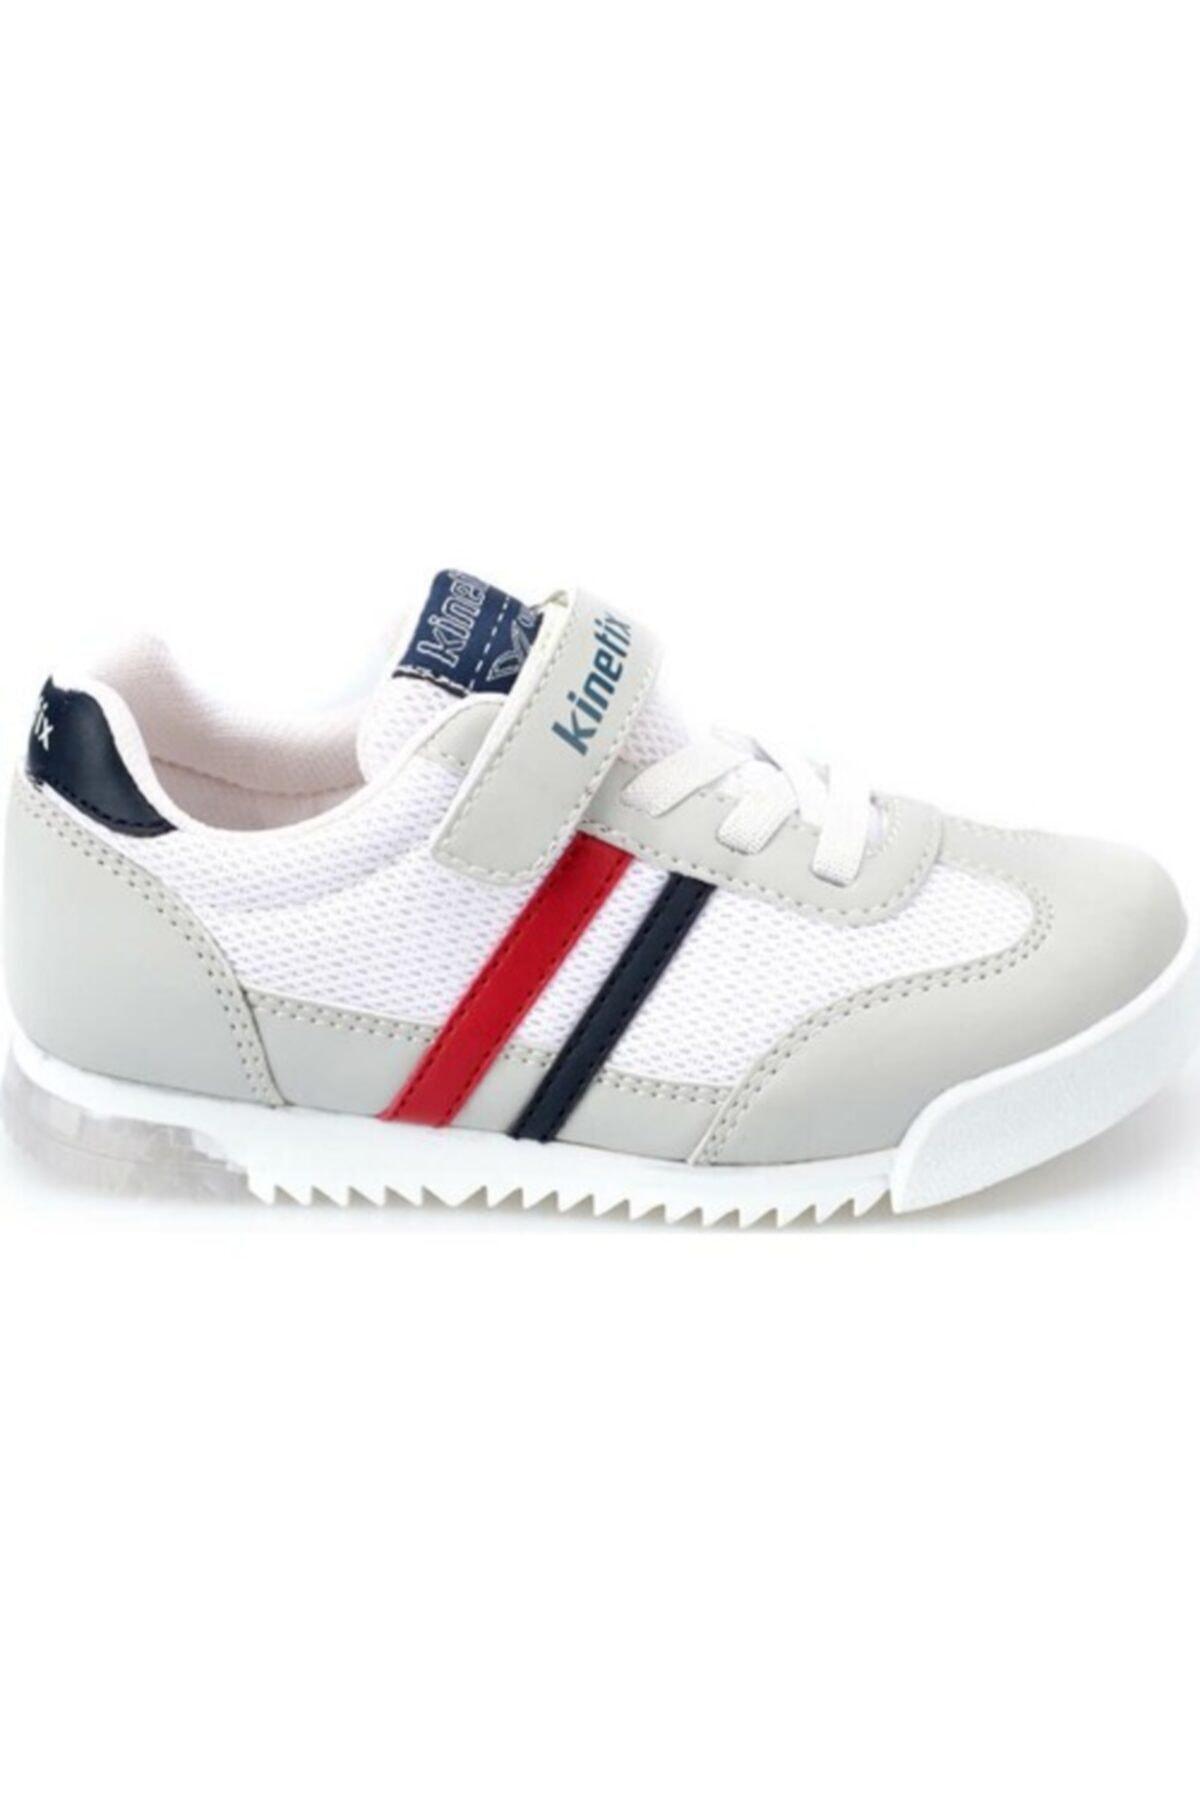 Kinetix HALLEY MESH J Açık Gri Erkek Çocuk Sneaker Ayakkabı 100355786 2